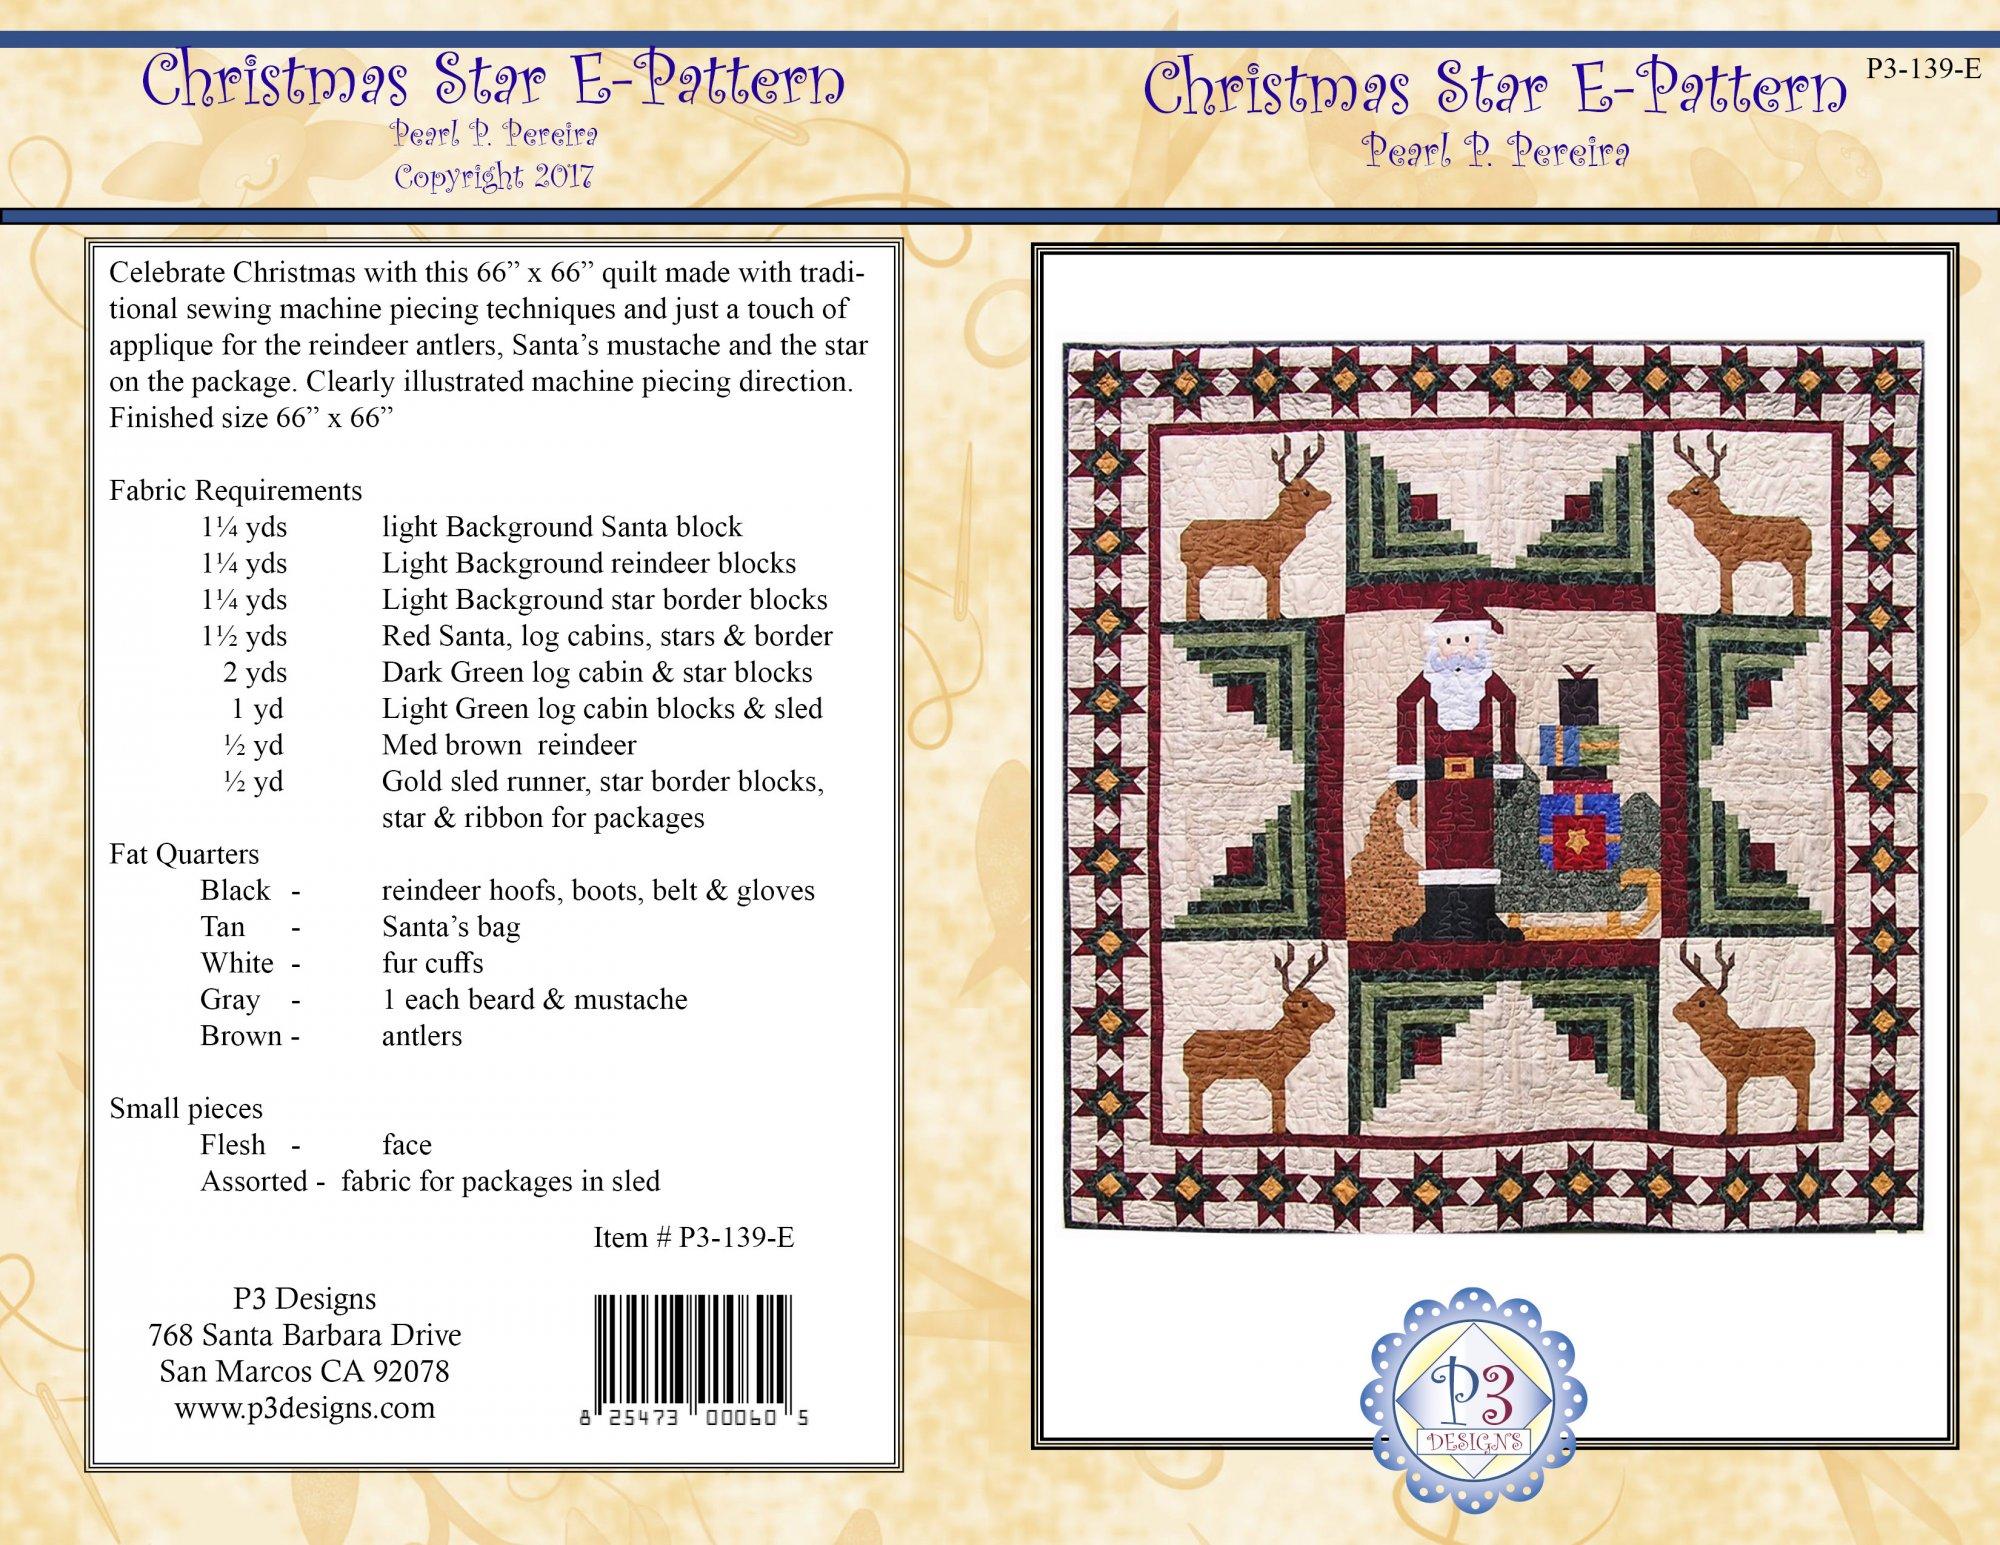 P3-139-E Christmas Star Quilt PDF